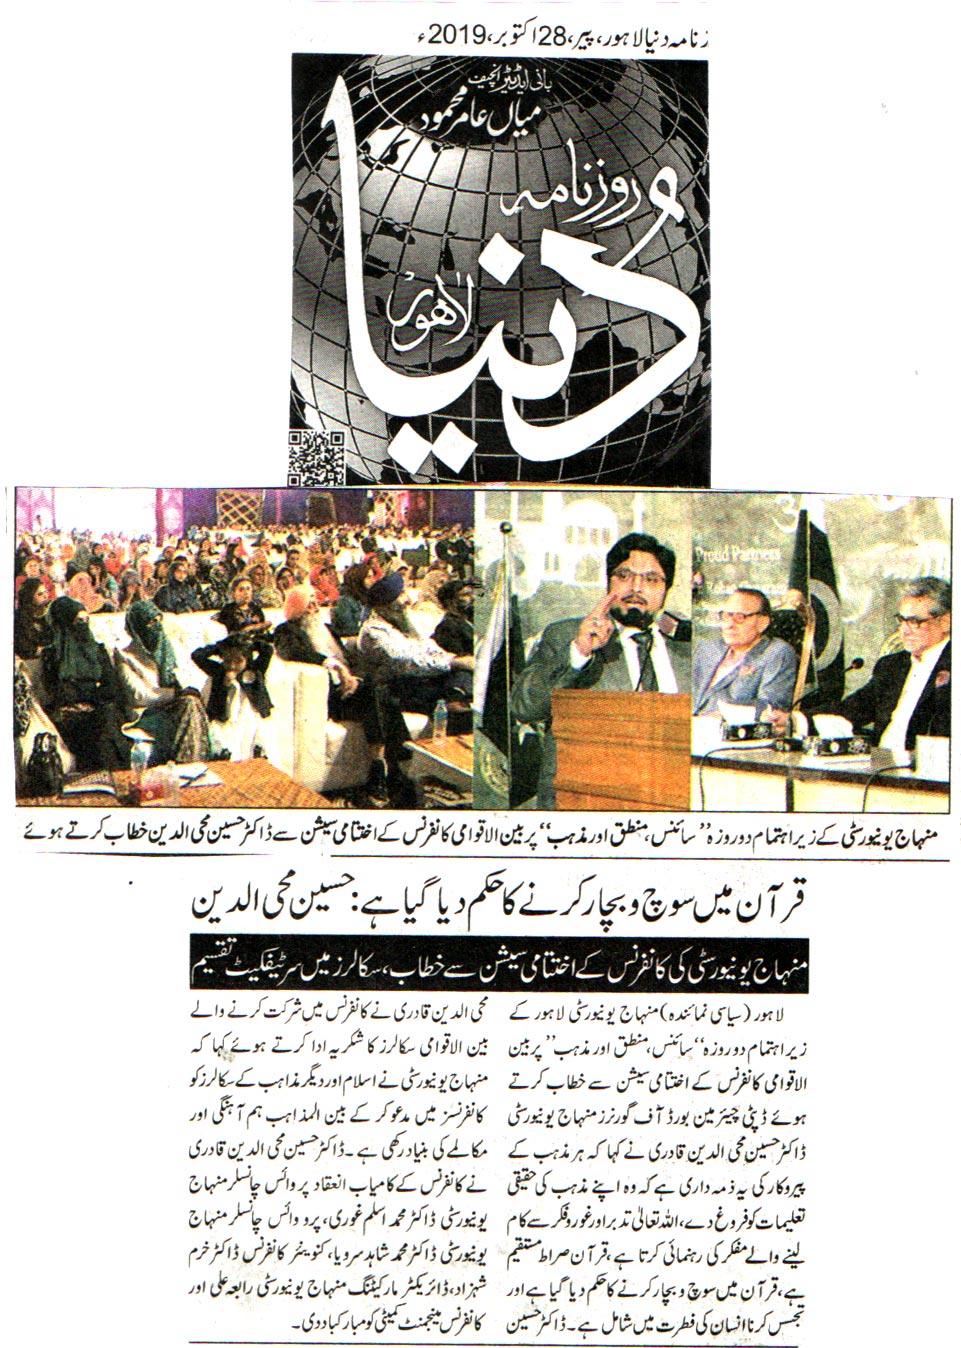 تحریک منہاج القرآن Minhaj-ul-Quran  Print Media Coverage پرنٹ میڈیا کوریج DAILY DUNYA BACK PAGE